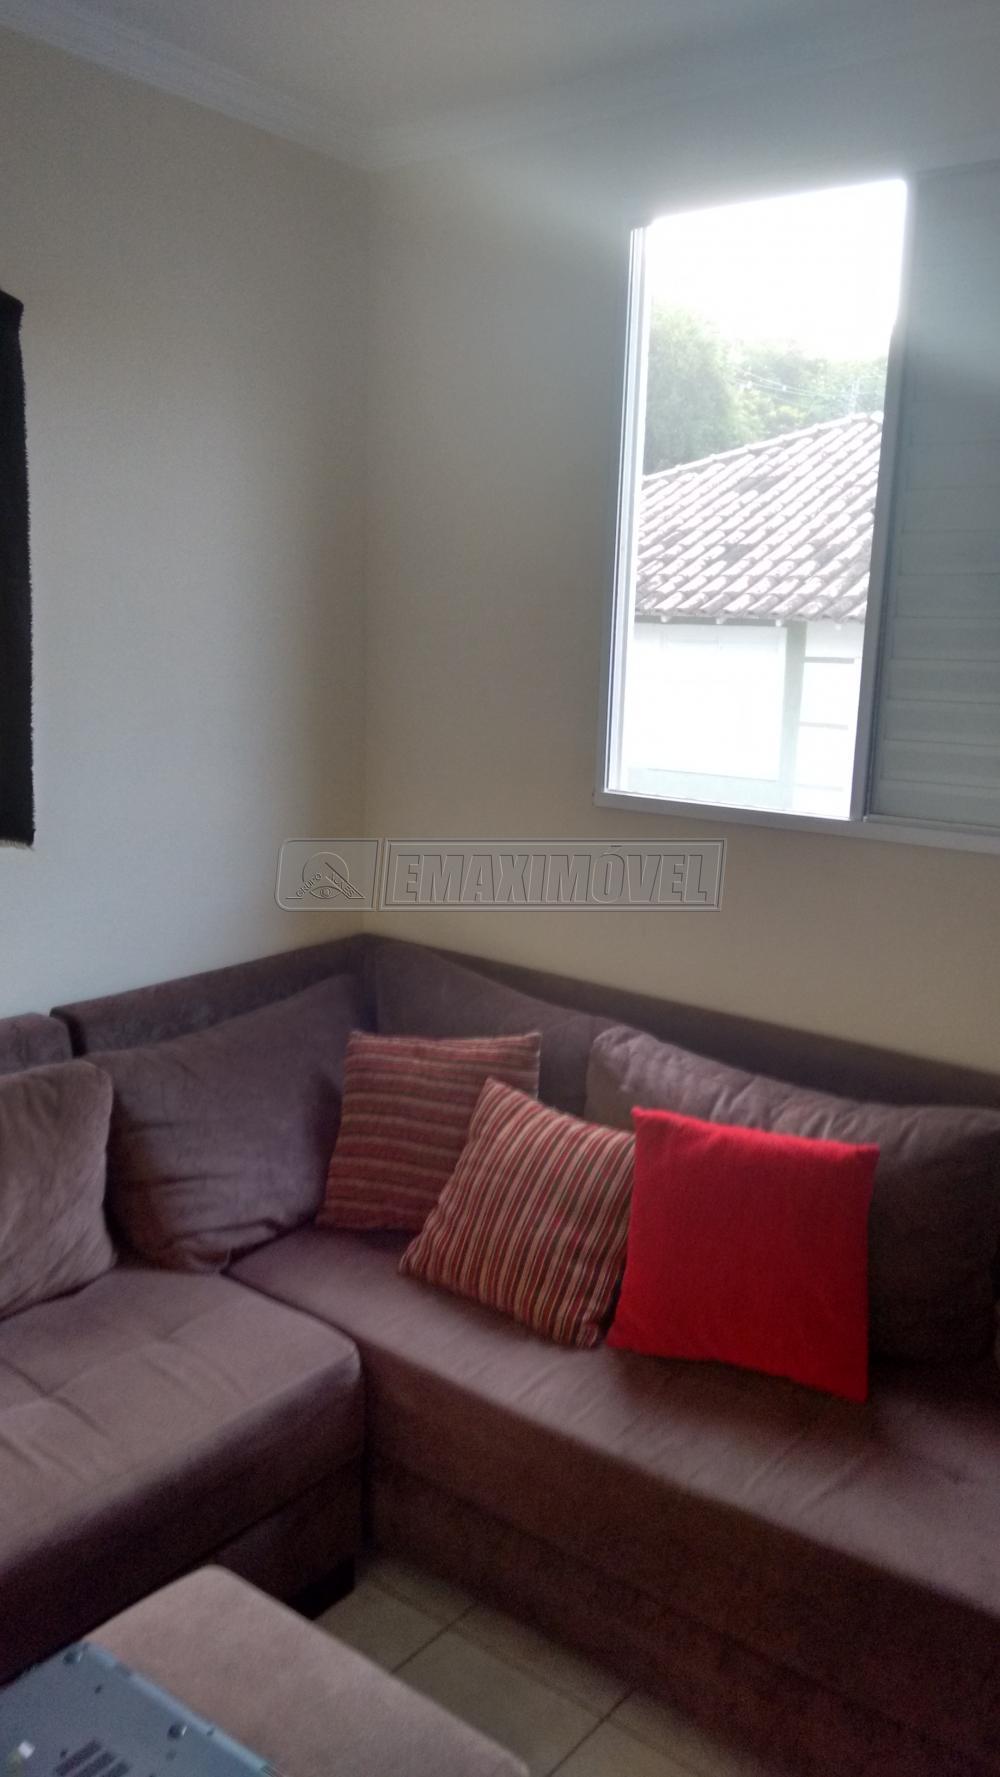 Comprar Casas / em Condomínios em Sorocaba apenas R$ 300.000,00 - Foto 11